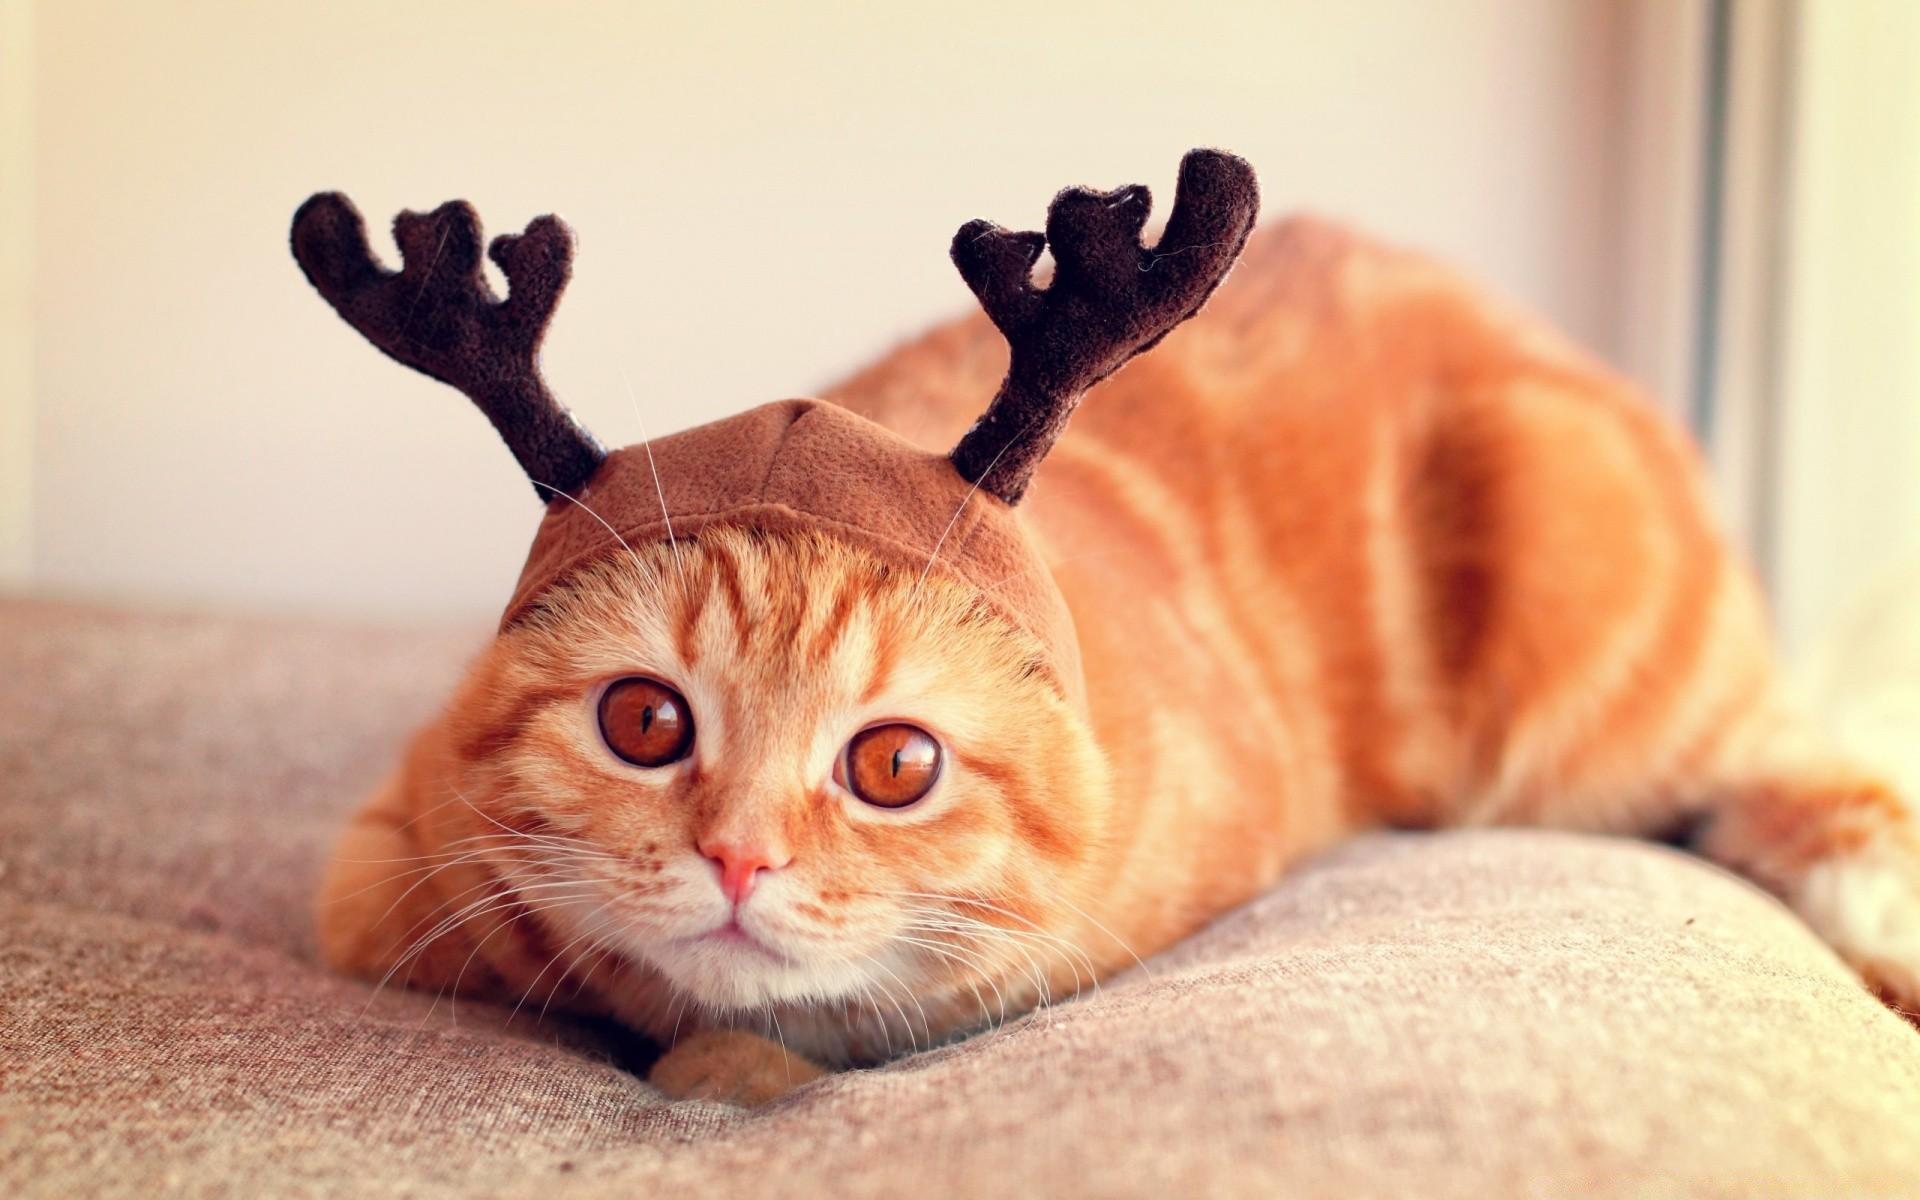 красивые картинки на телефон со смешными кошками приятная